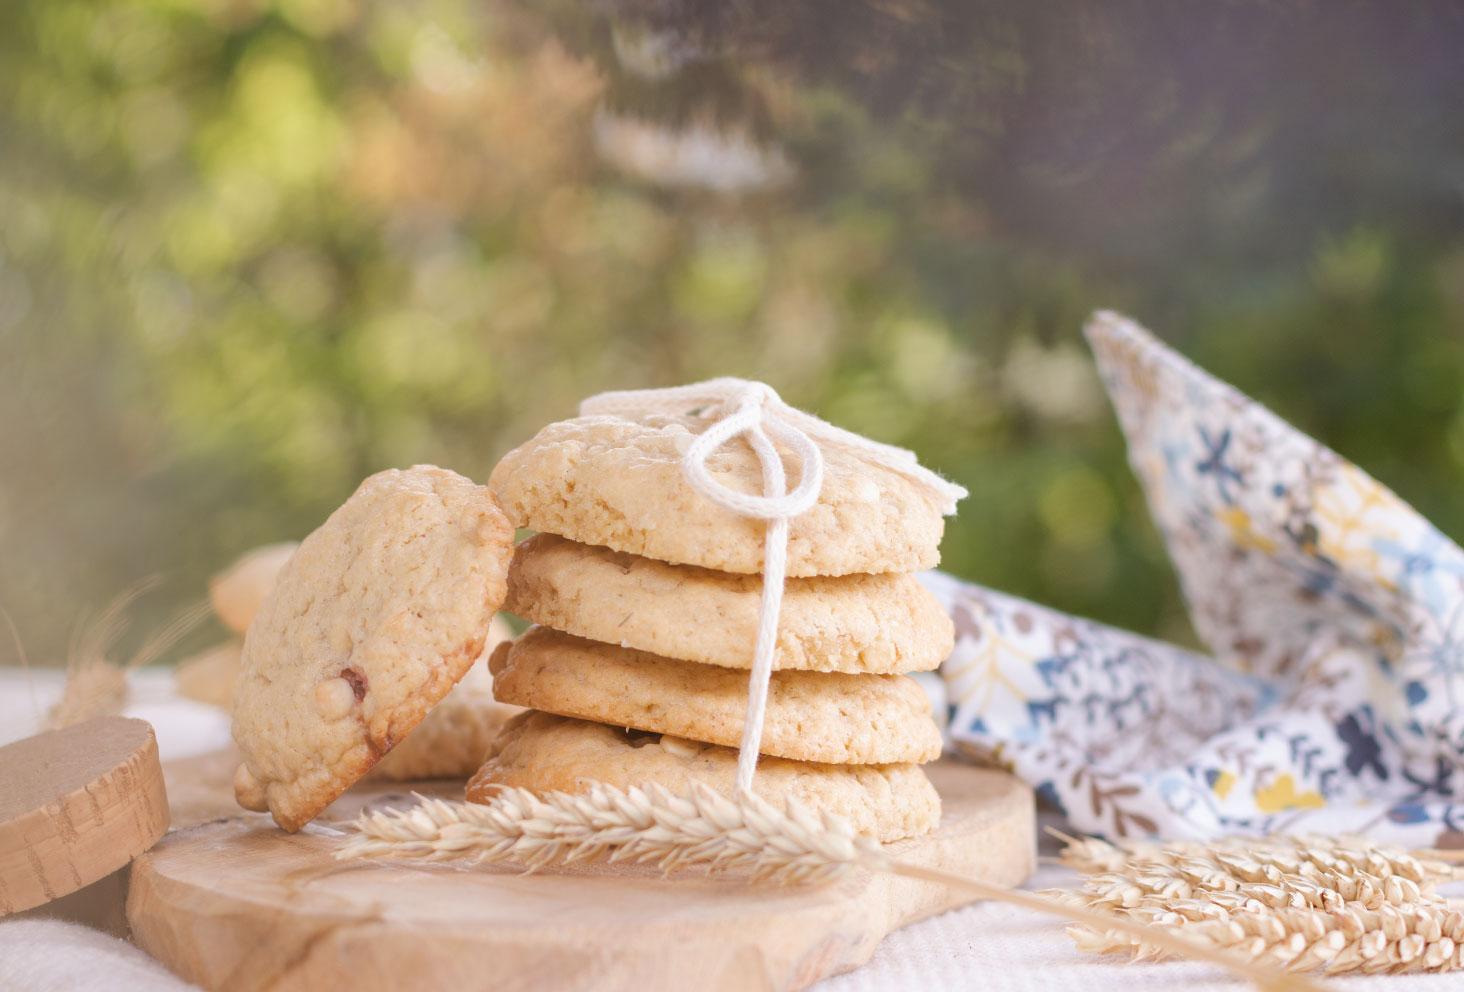 Un paquet de cookies fourrés à la fraise et à la purée de cacahuètes faits maison, posés sur une planche en bois à côté d'épis de blé